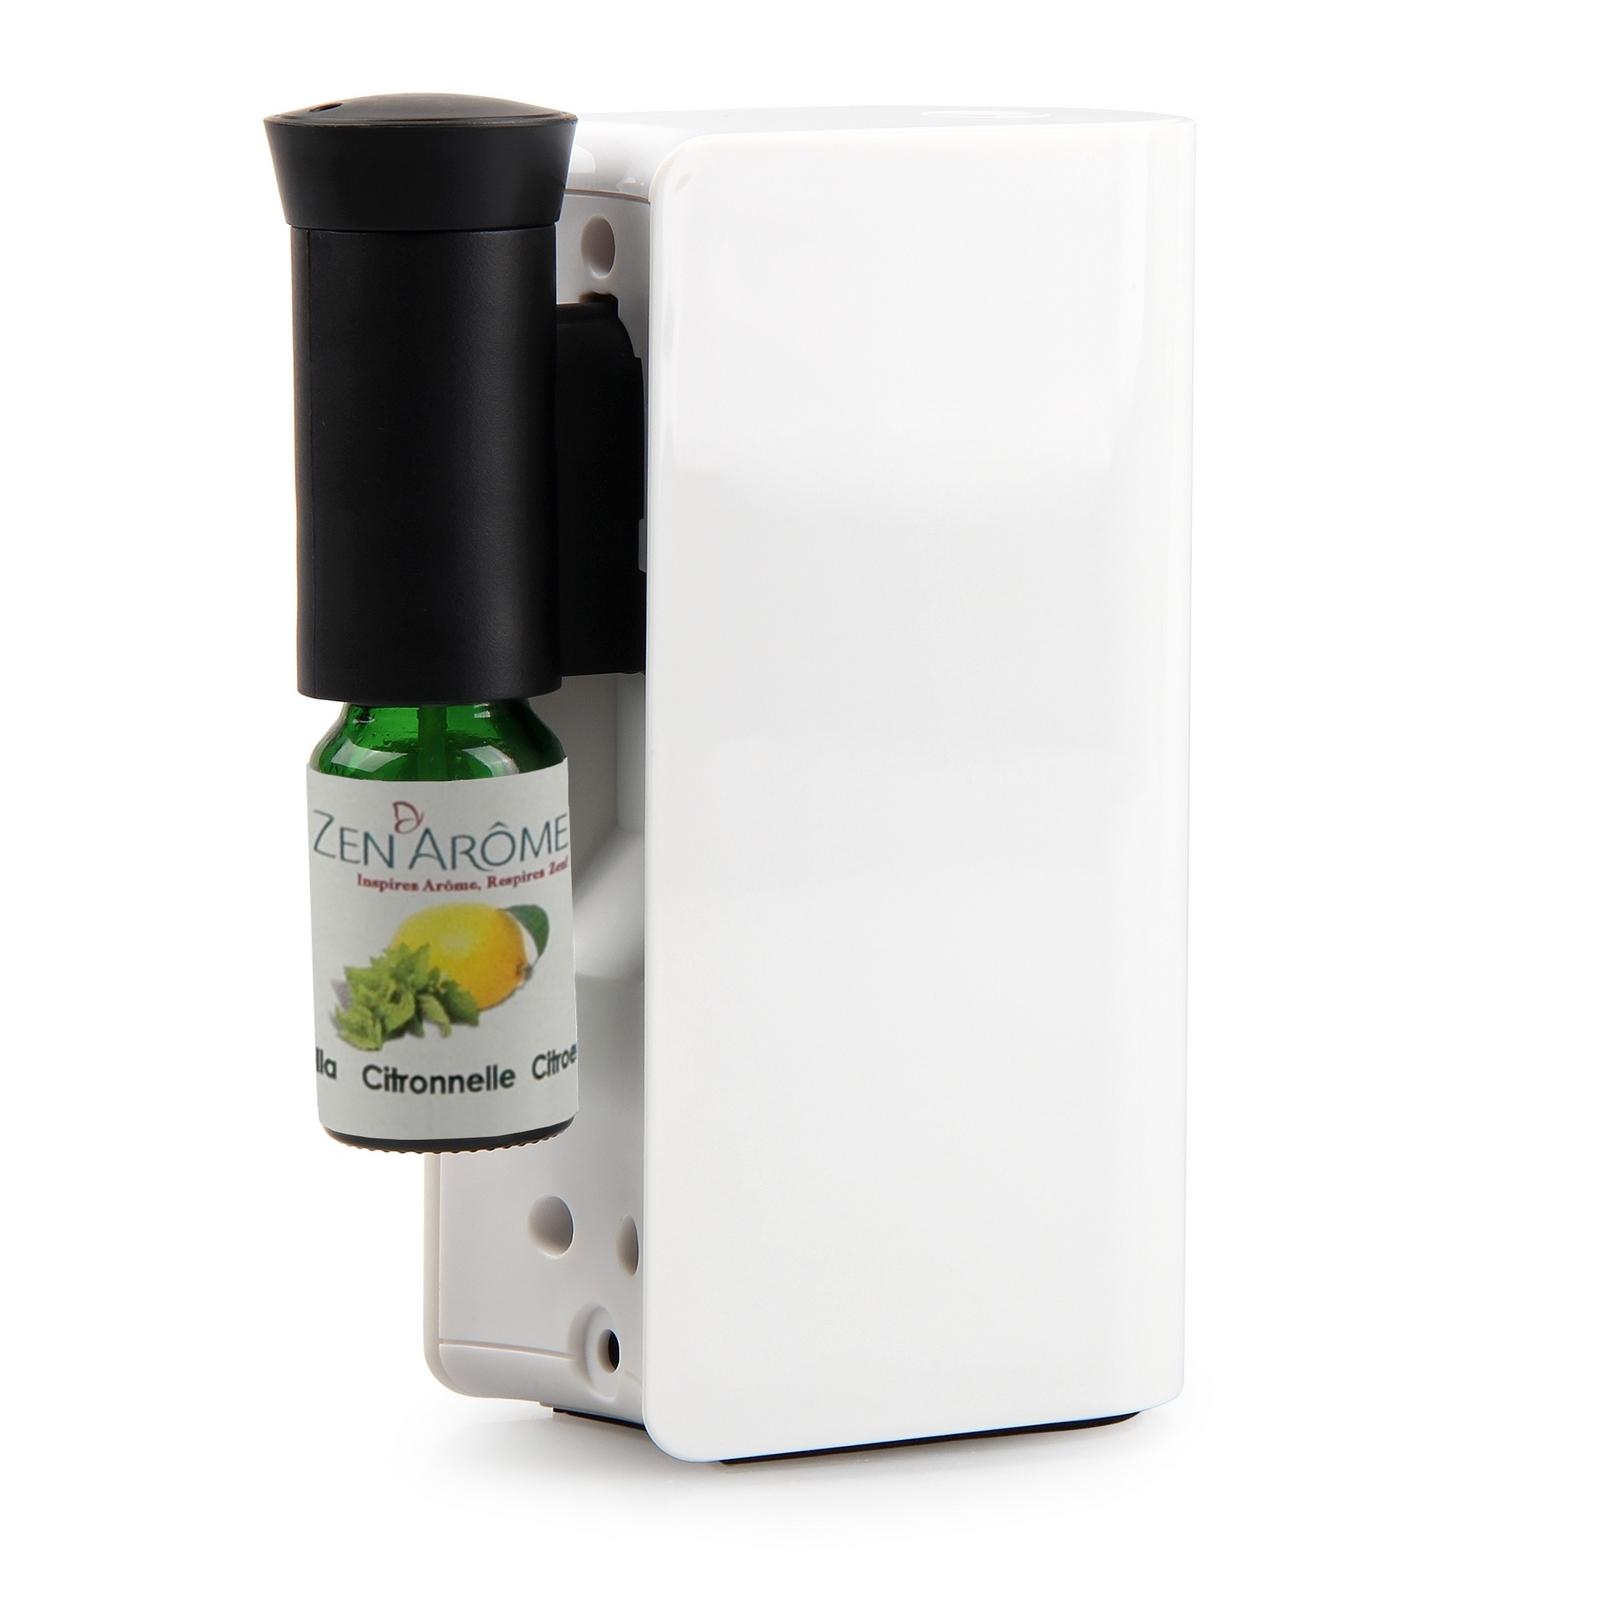 Diffuseur d'huiles essentielles par nébulisation Mobysens blanc